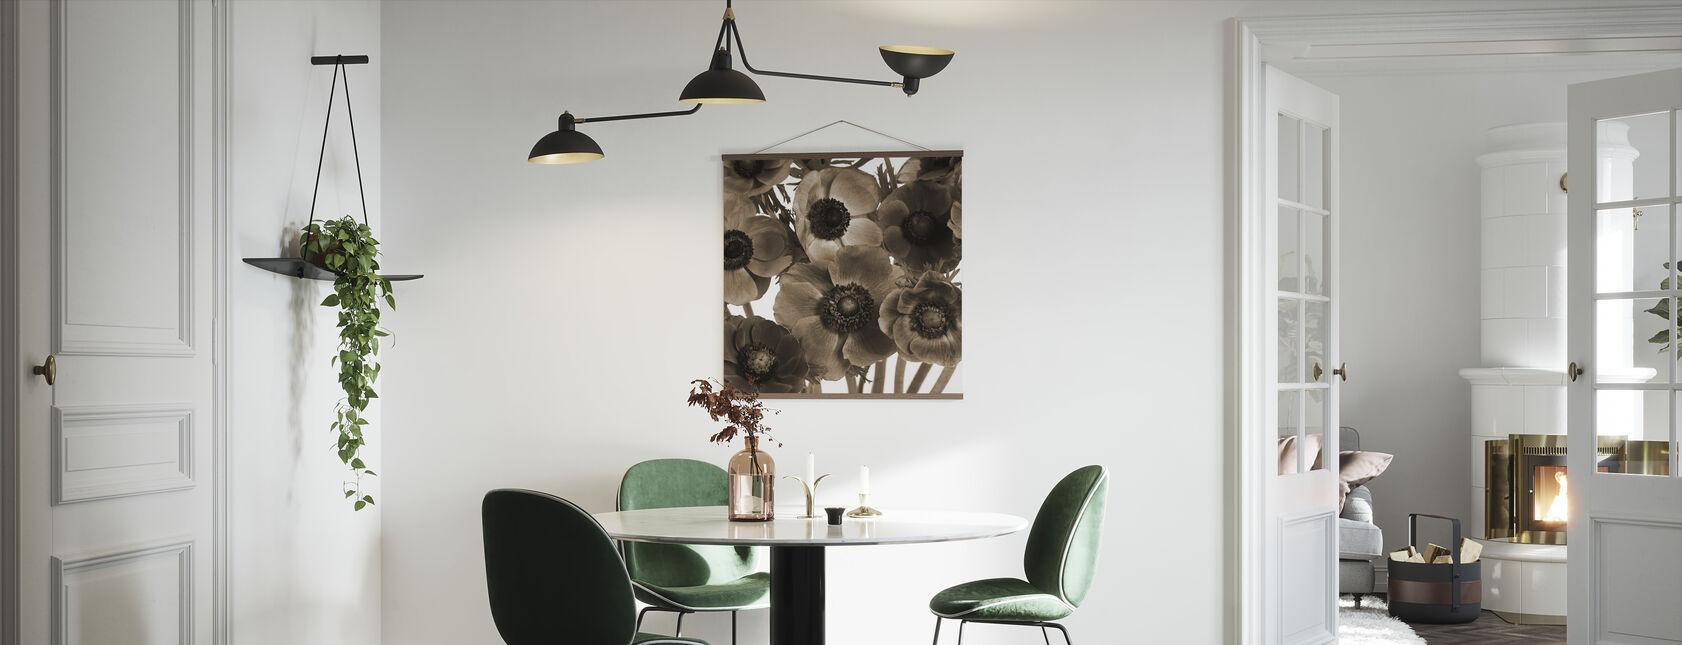 Anemoner - Plakat - Kjøkken